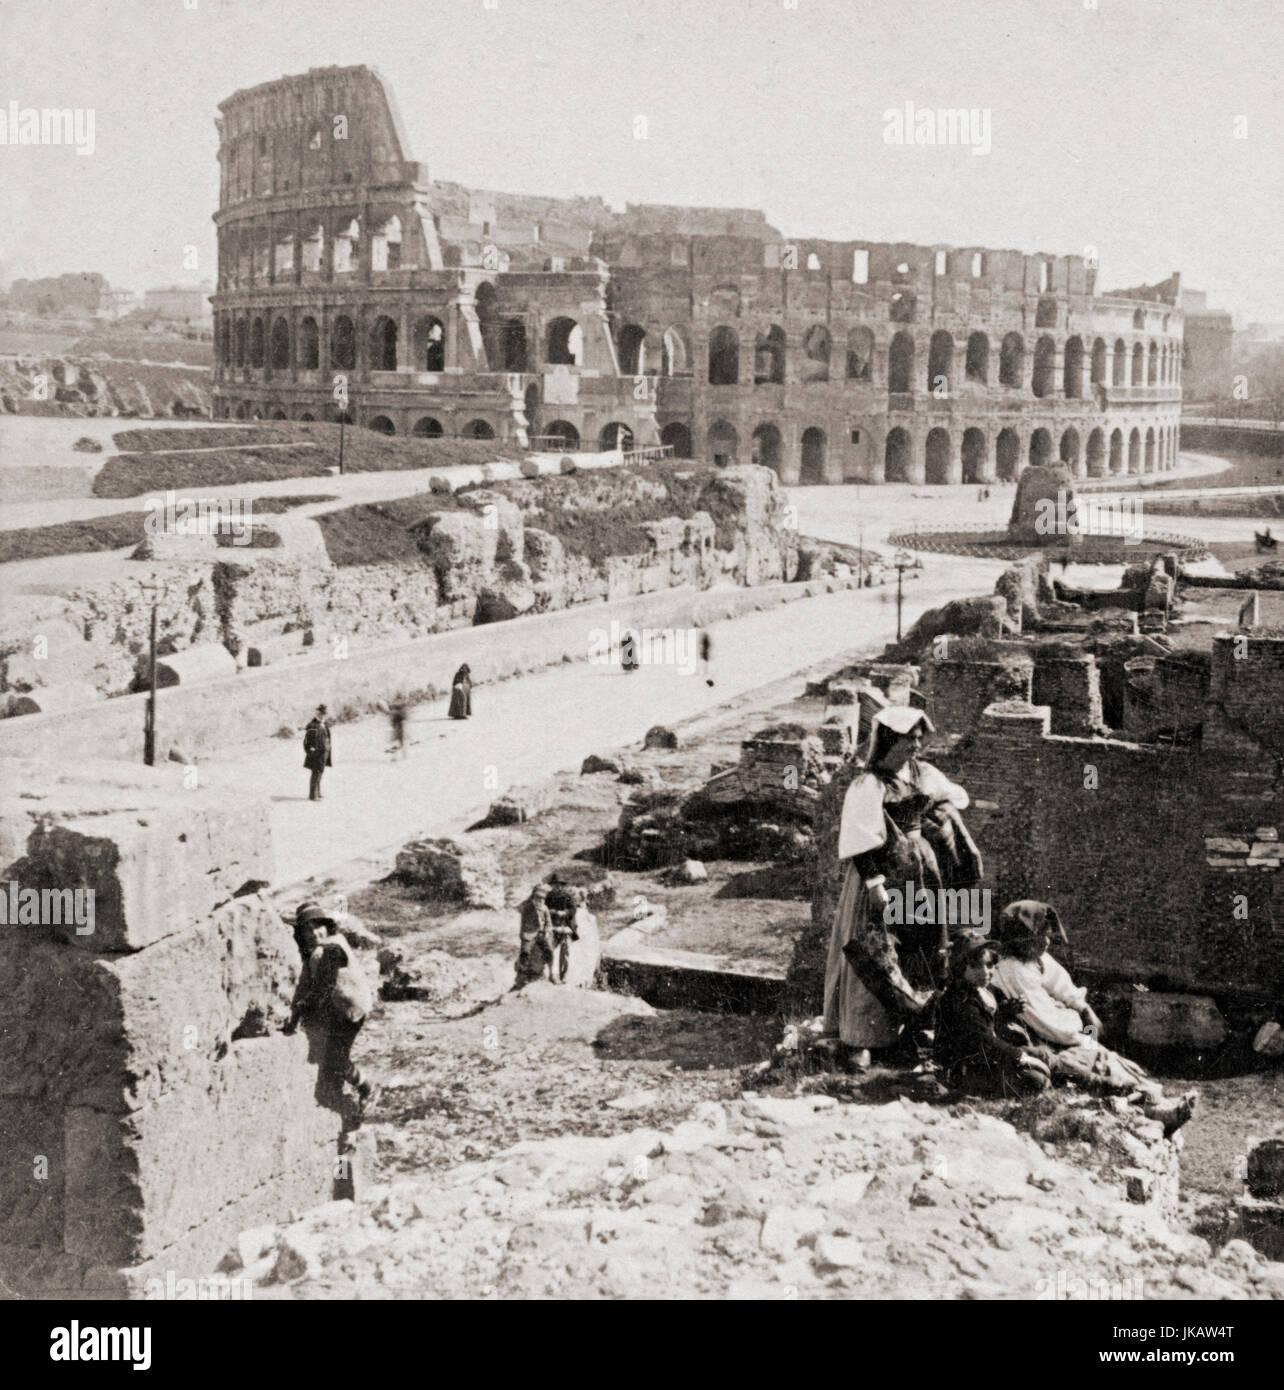 Il Colosseo, Roma, Italia nel 1900 Immagini Stock